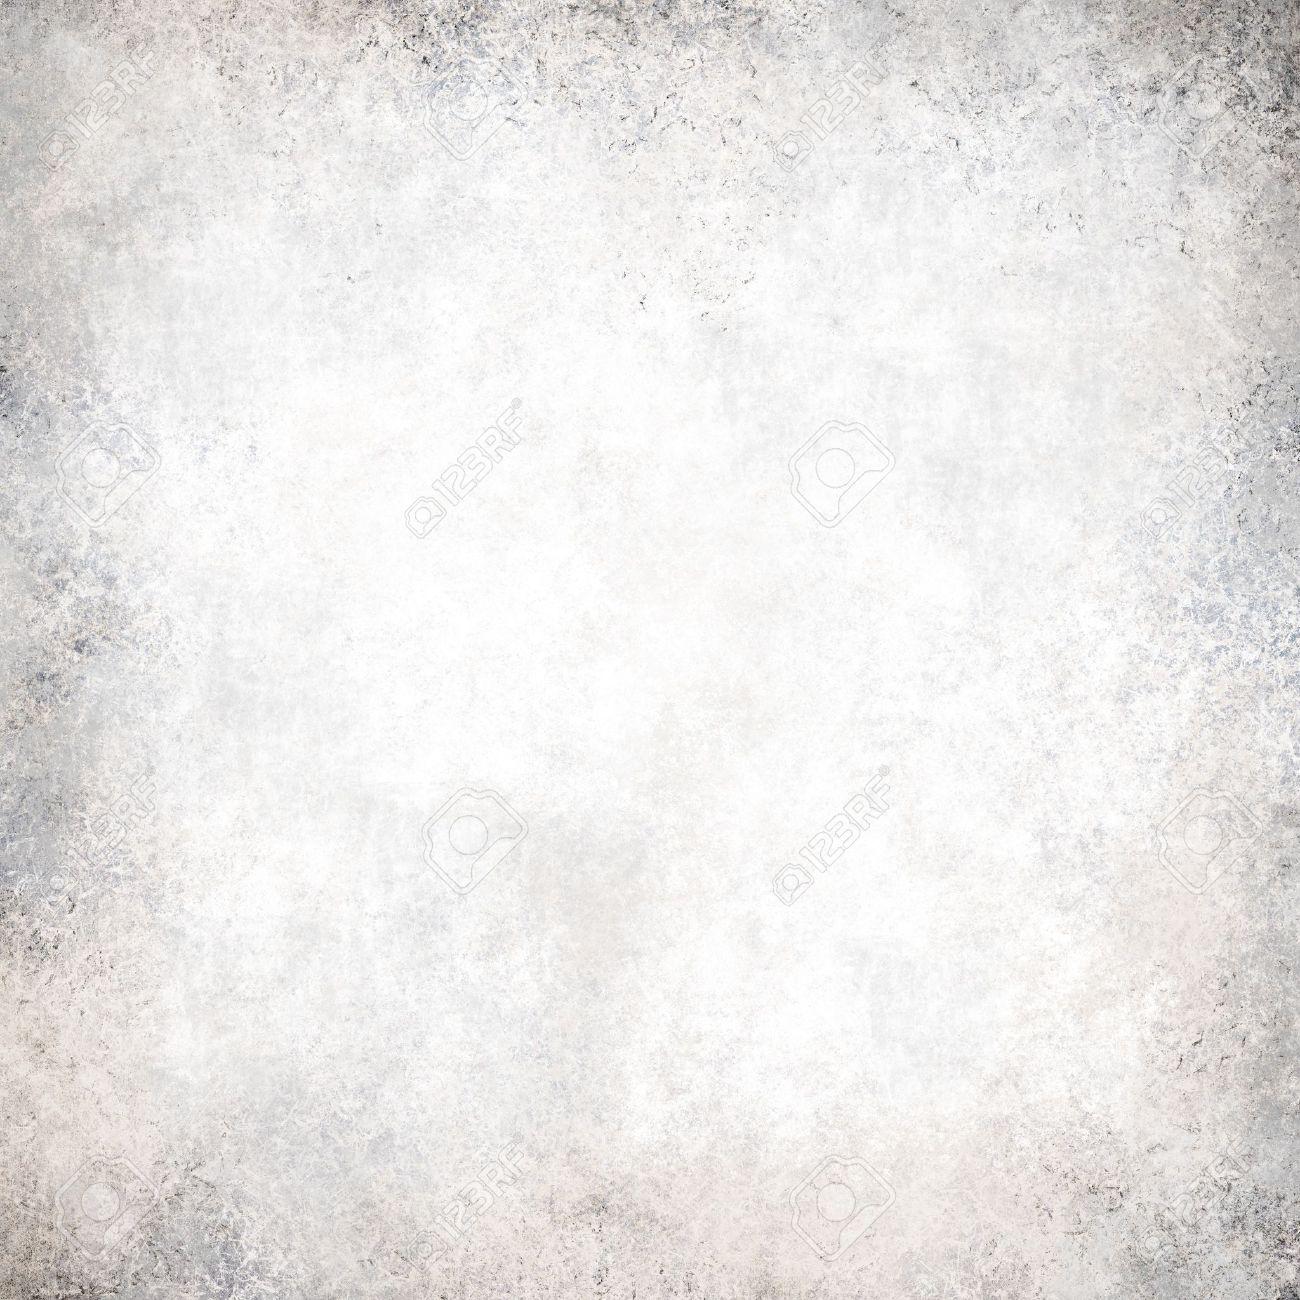 Immagini Stock Background Bianco Colore Grigio Grunge Texture